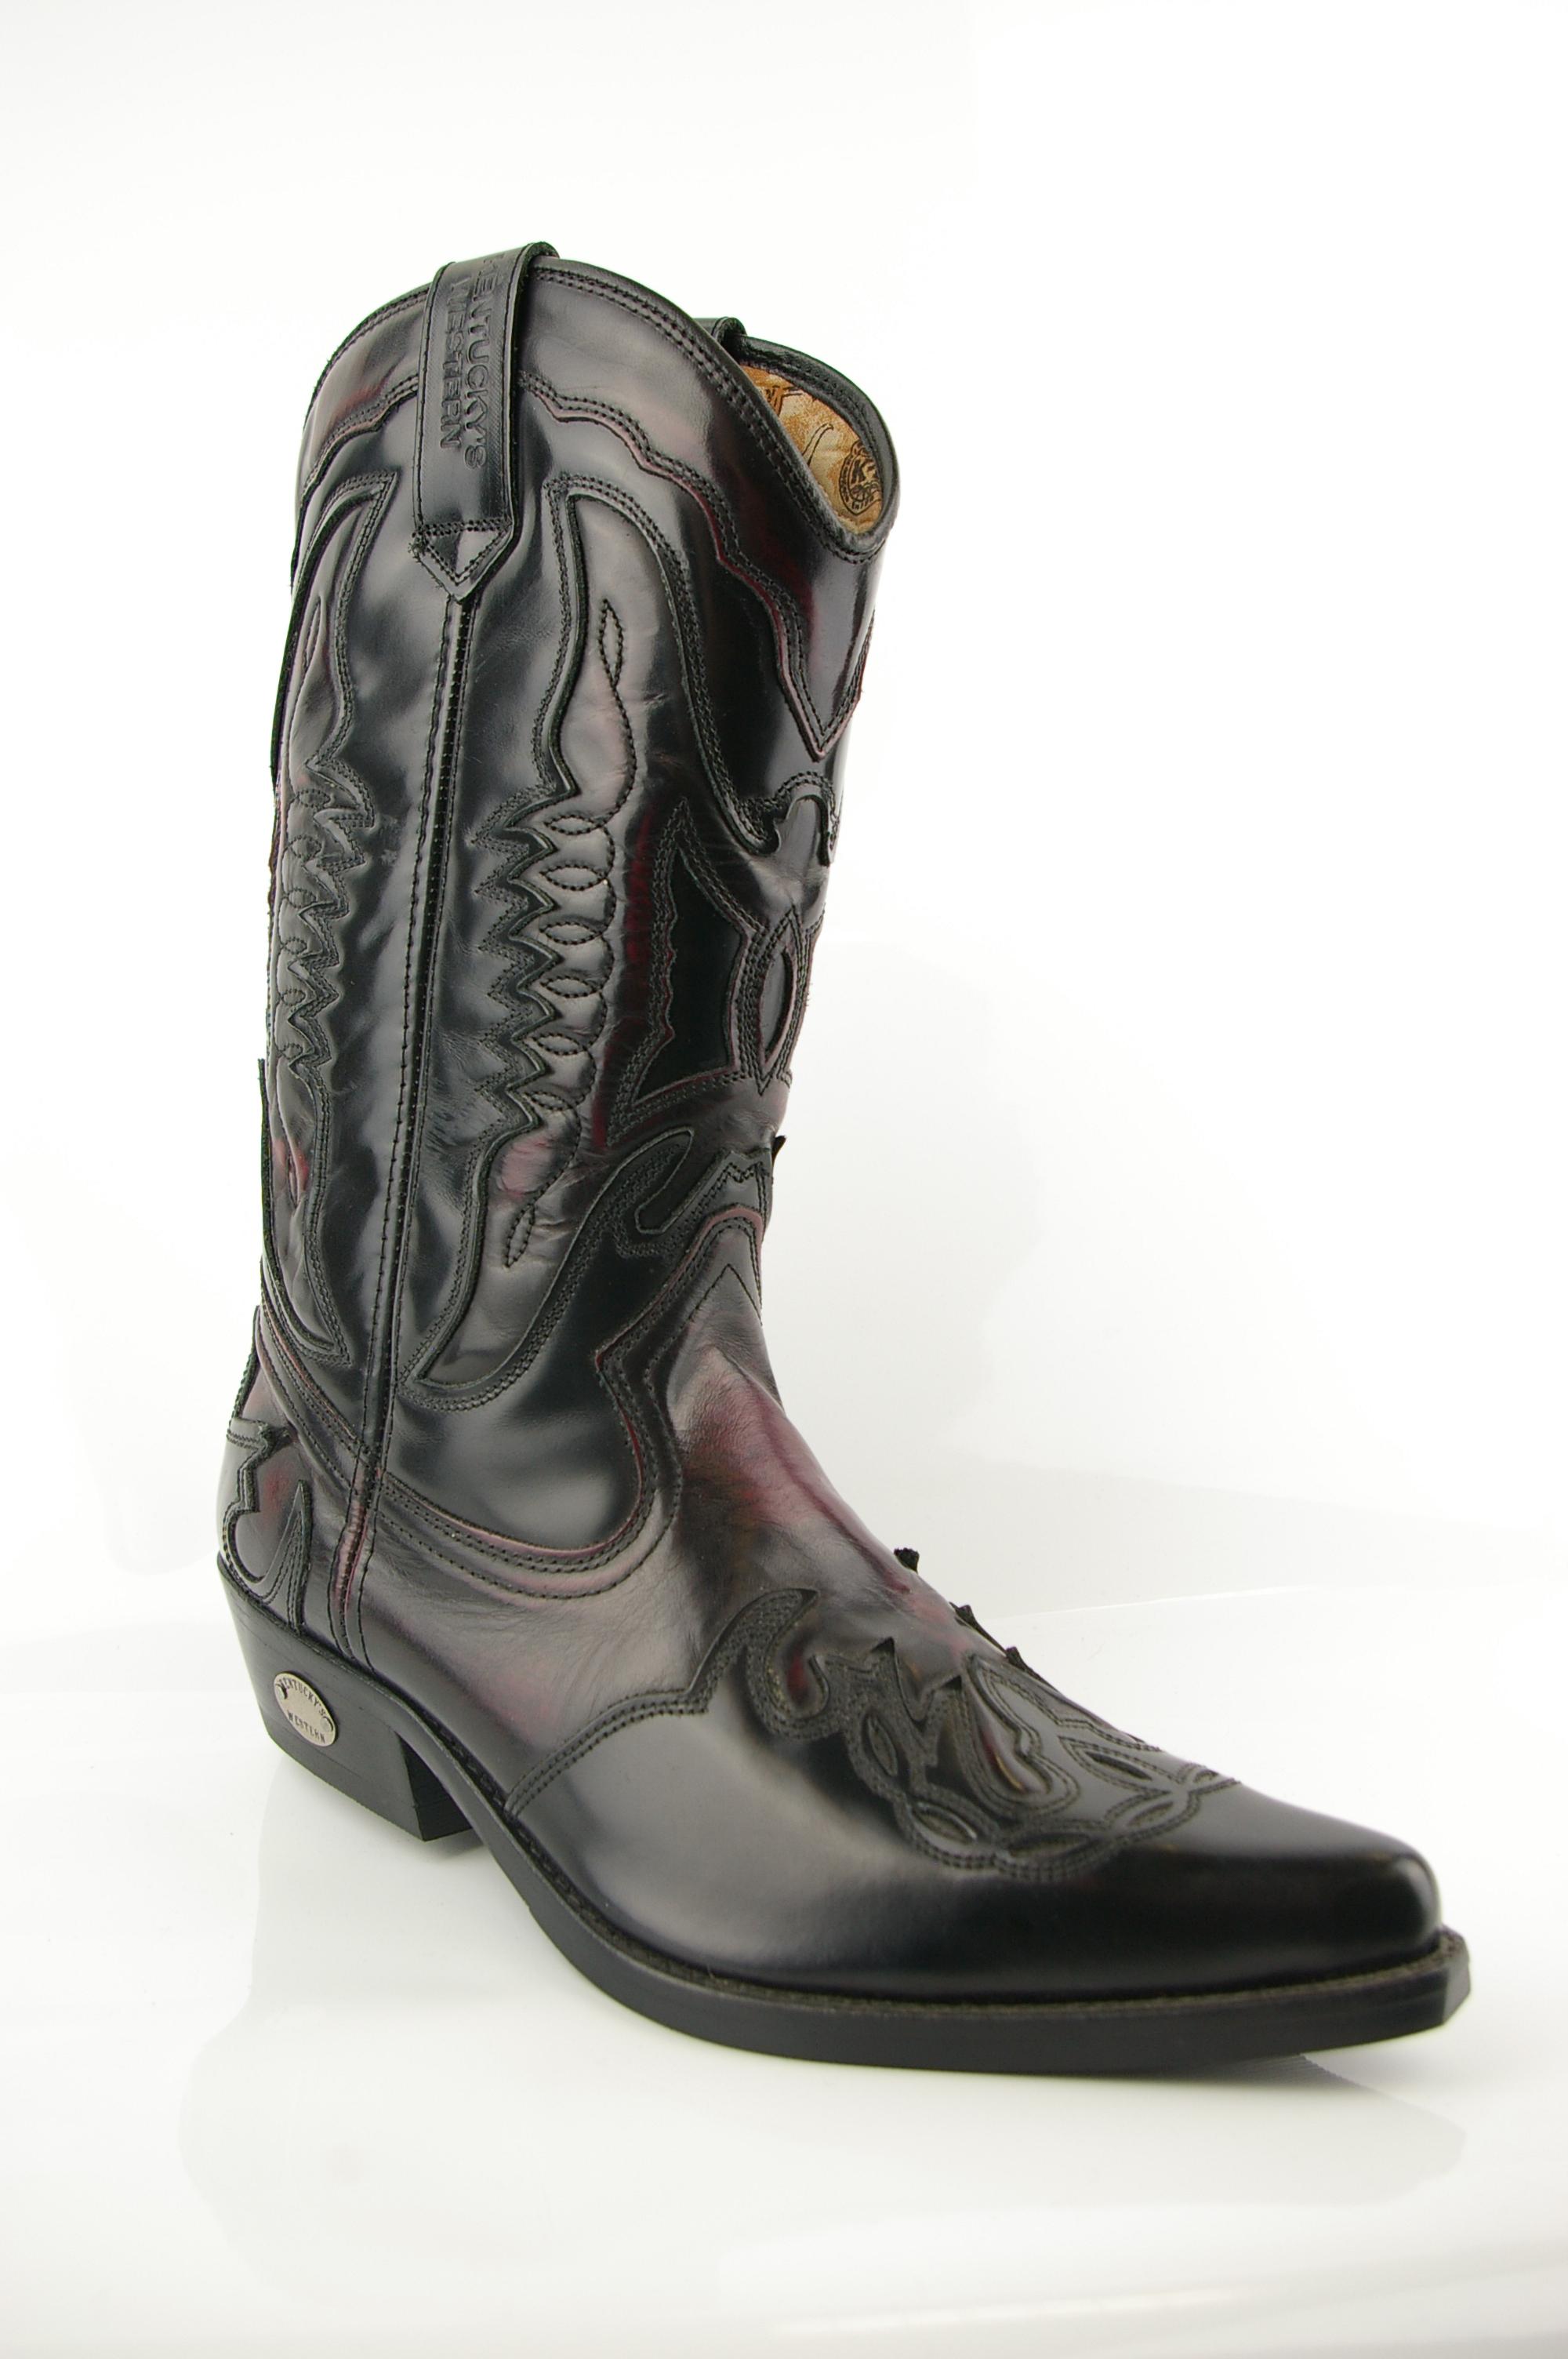 ffedea74a Westernové boty pánské vysoké KENTUCKY JOE WESTERN | Módní boty ...